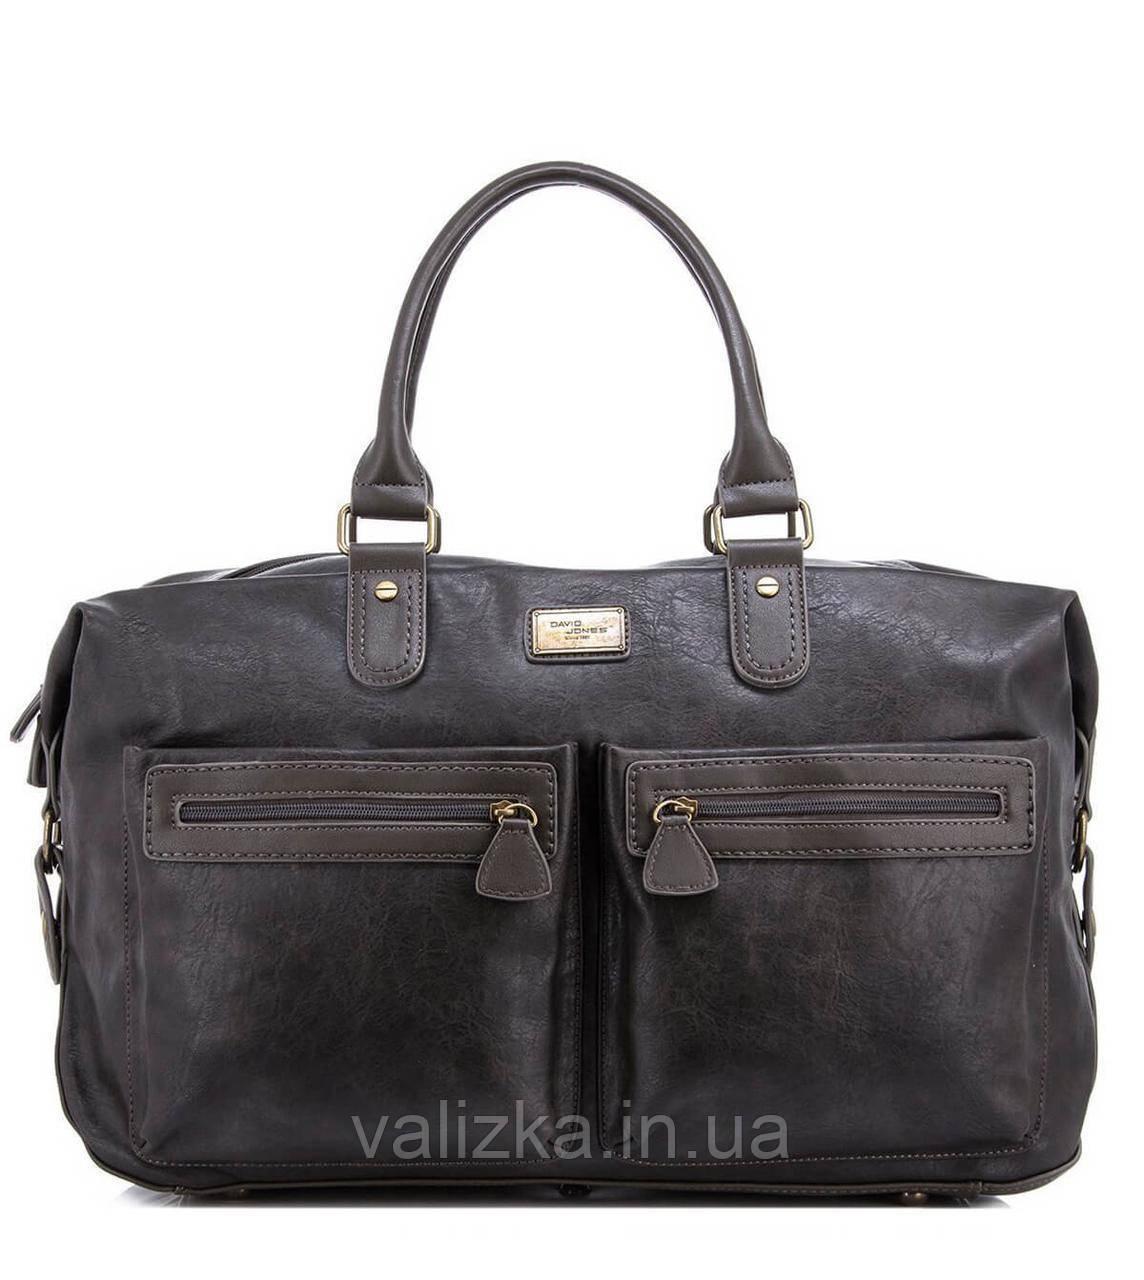 Дорожная сумка из экокожи David Jones  CM3553 серая для ручной клади